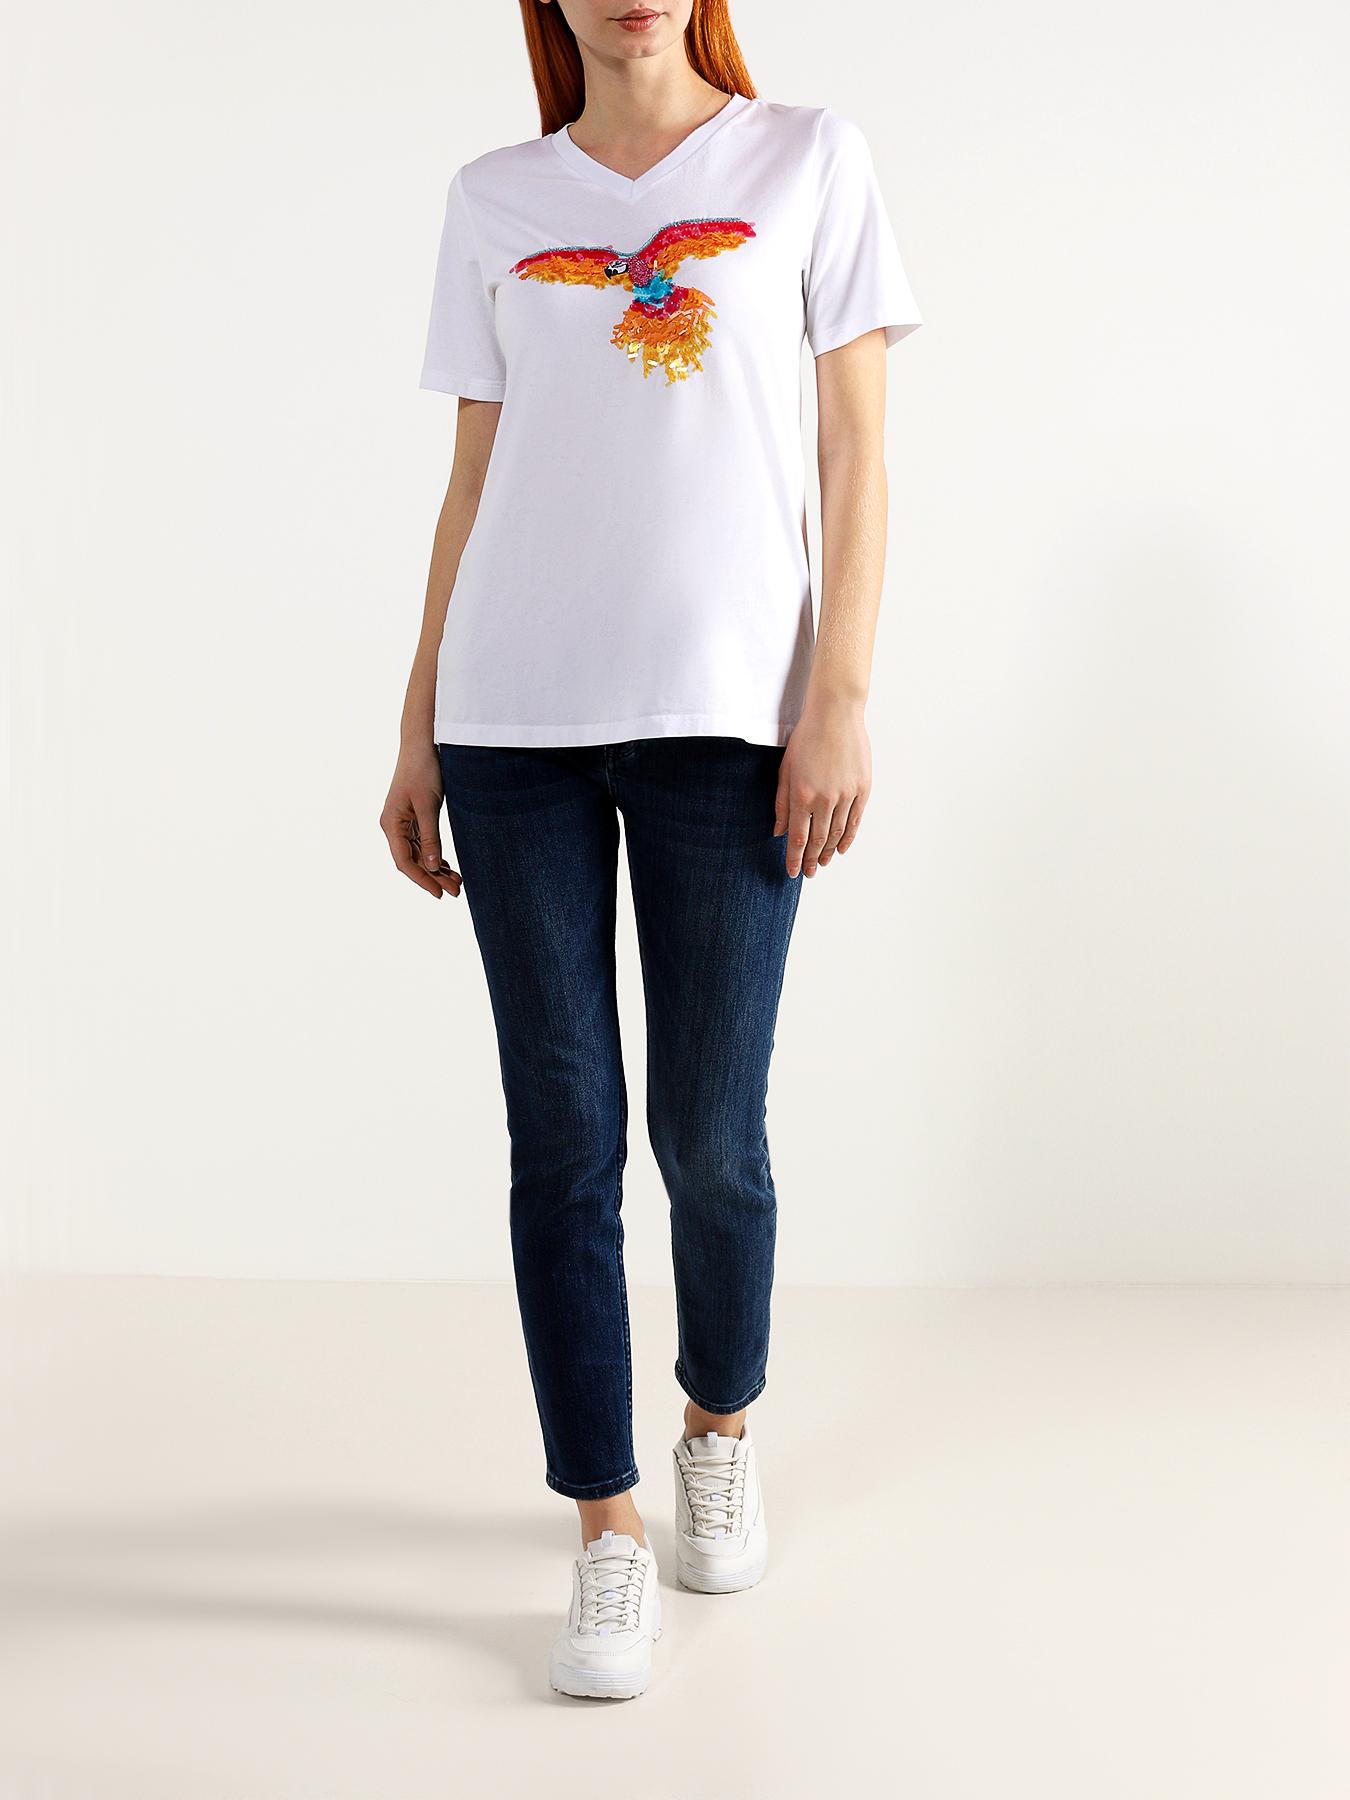 Брюки ORSA Orange Зауженные джинсы